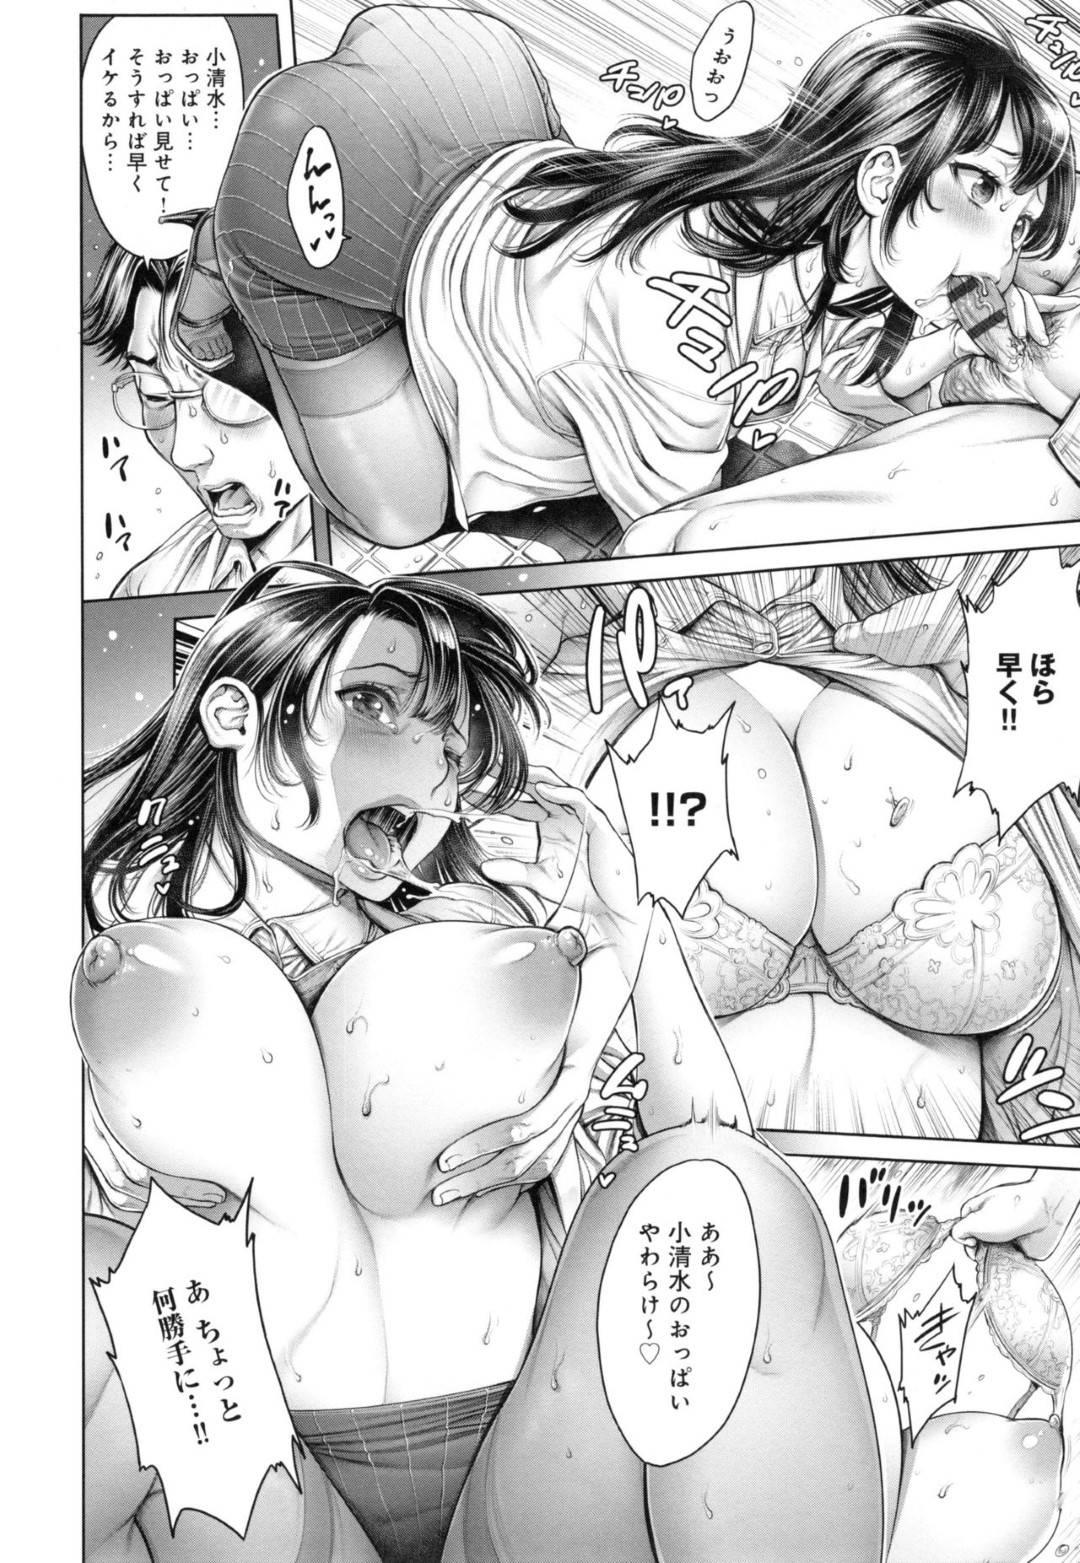 【エロ漫画】研究室で研究と称して男から精子を搾り取ろうとする巨乳お姉さん。彼女は戸惑う彼に強引に手コキやフェラをした挙げ句、そのままの流れで生ハメセックスする!